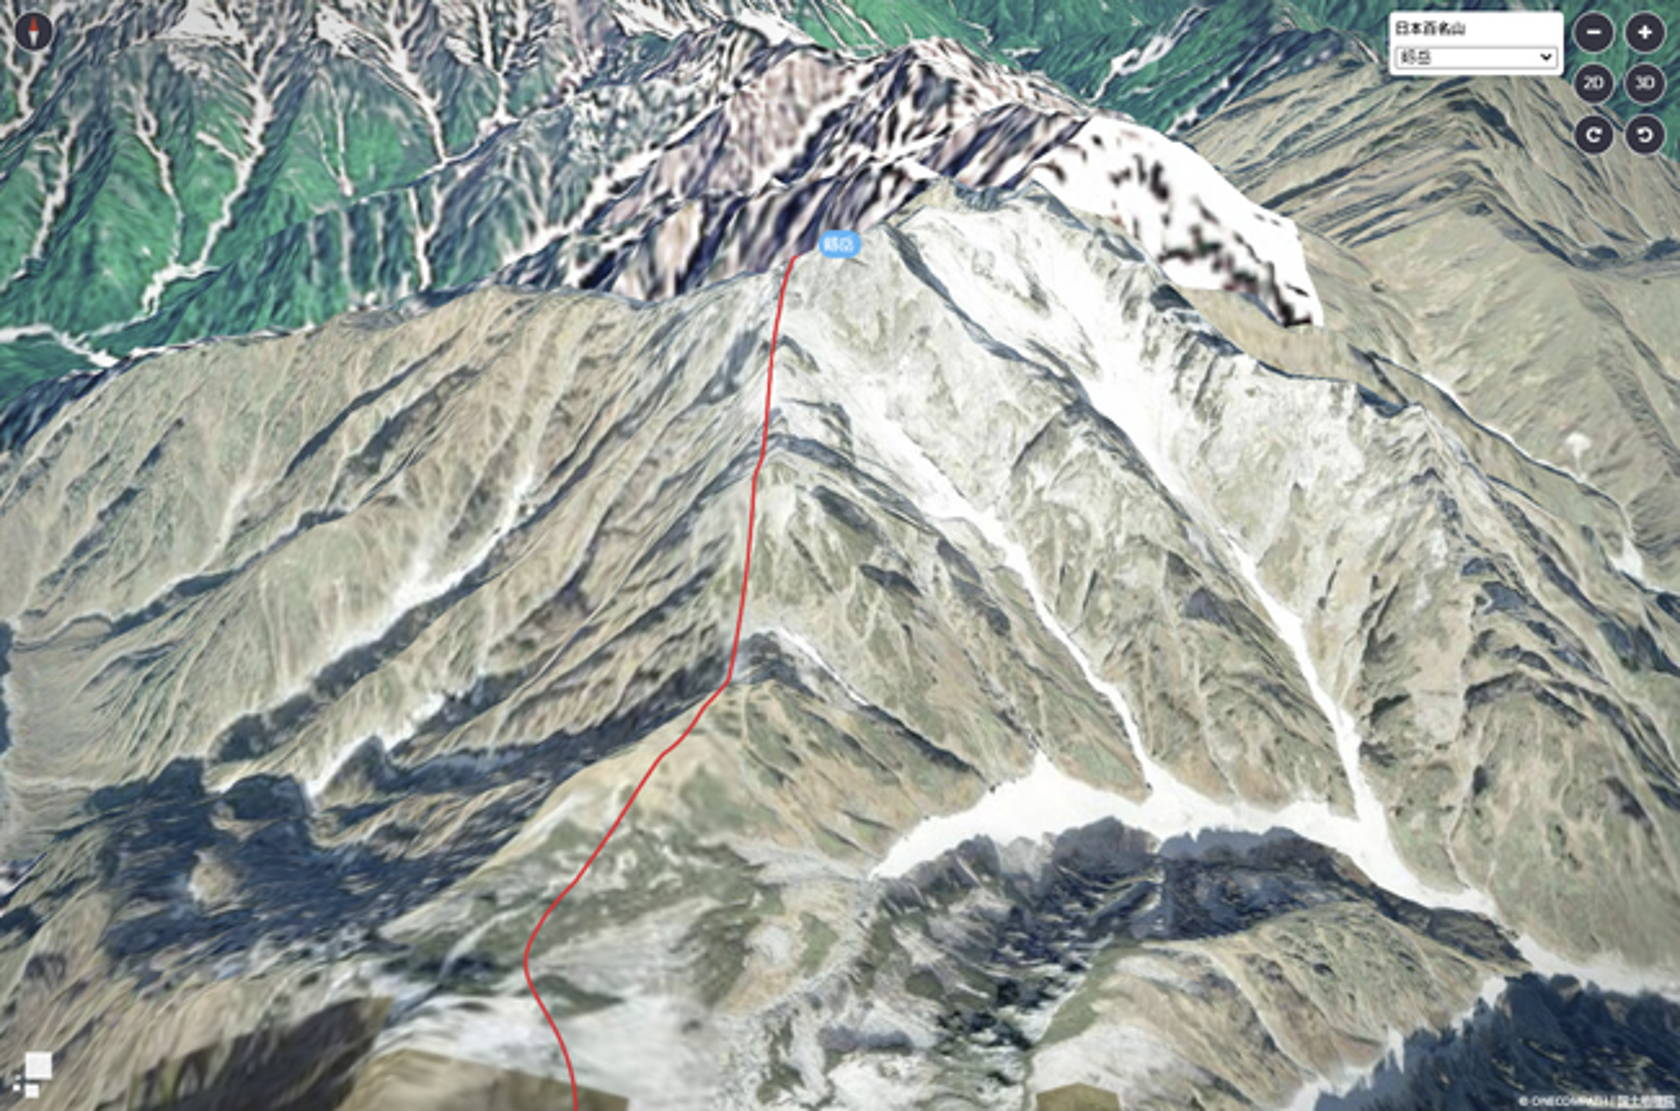 ONE COMPATH、日本百名山をリアルに表現した「3Dマップ」と境界線を分かりやすく表現した「境界線マップ」をマピオンテックラボで公開